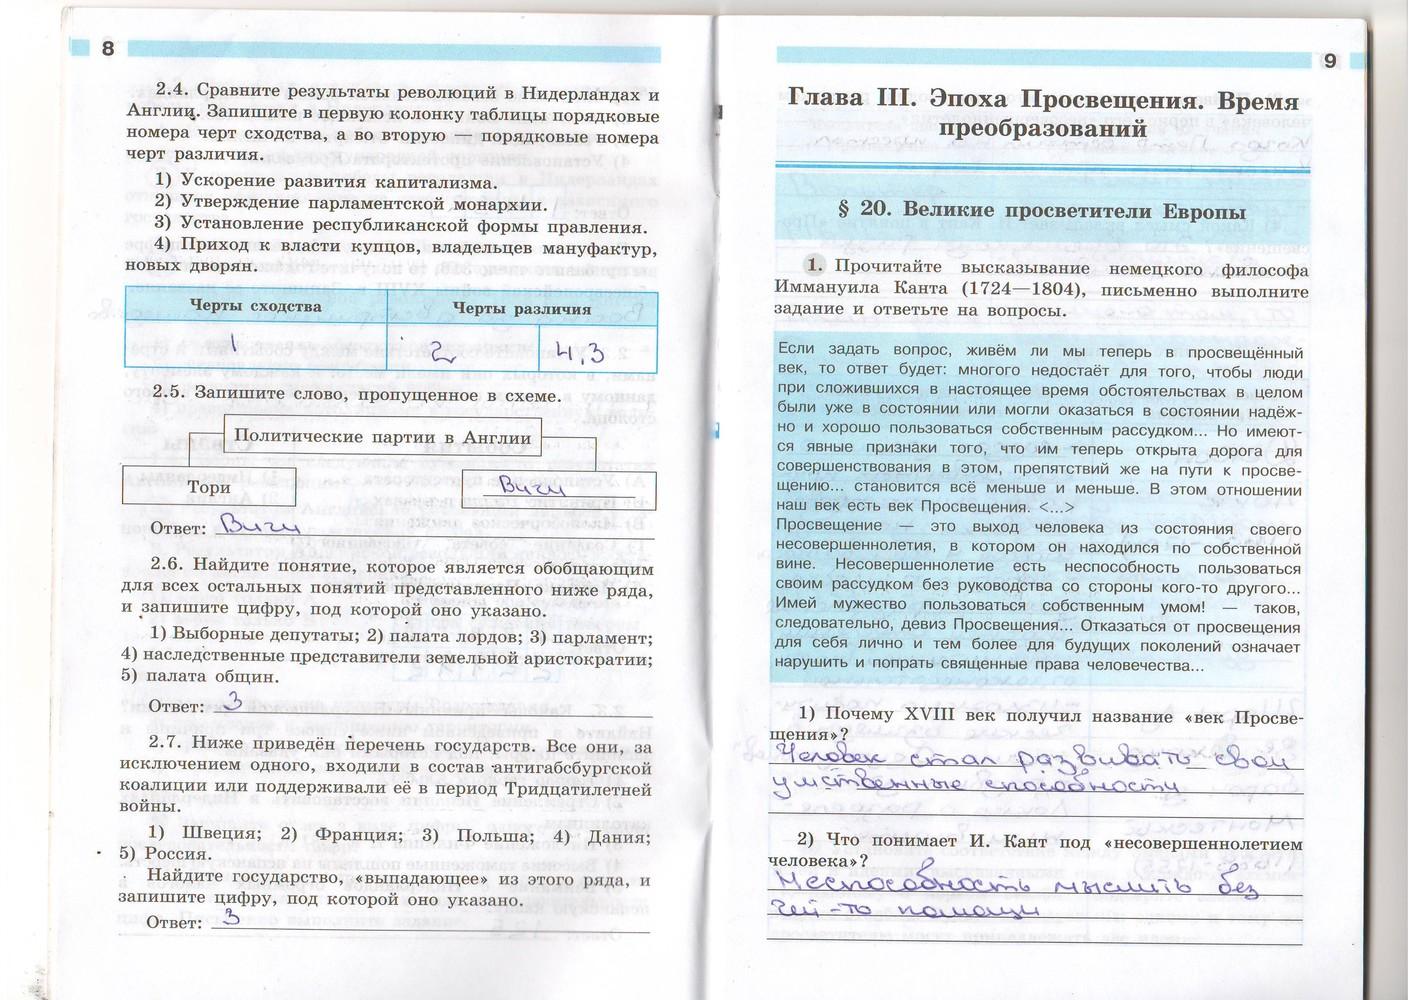 Готовые домашние задания по истории 5 класс рабочая тетрадь автор мартынов